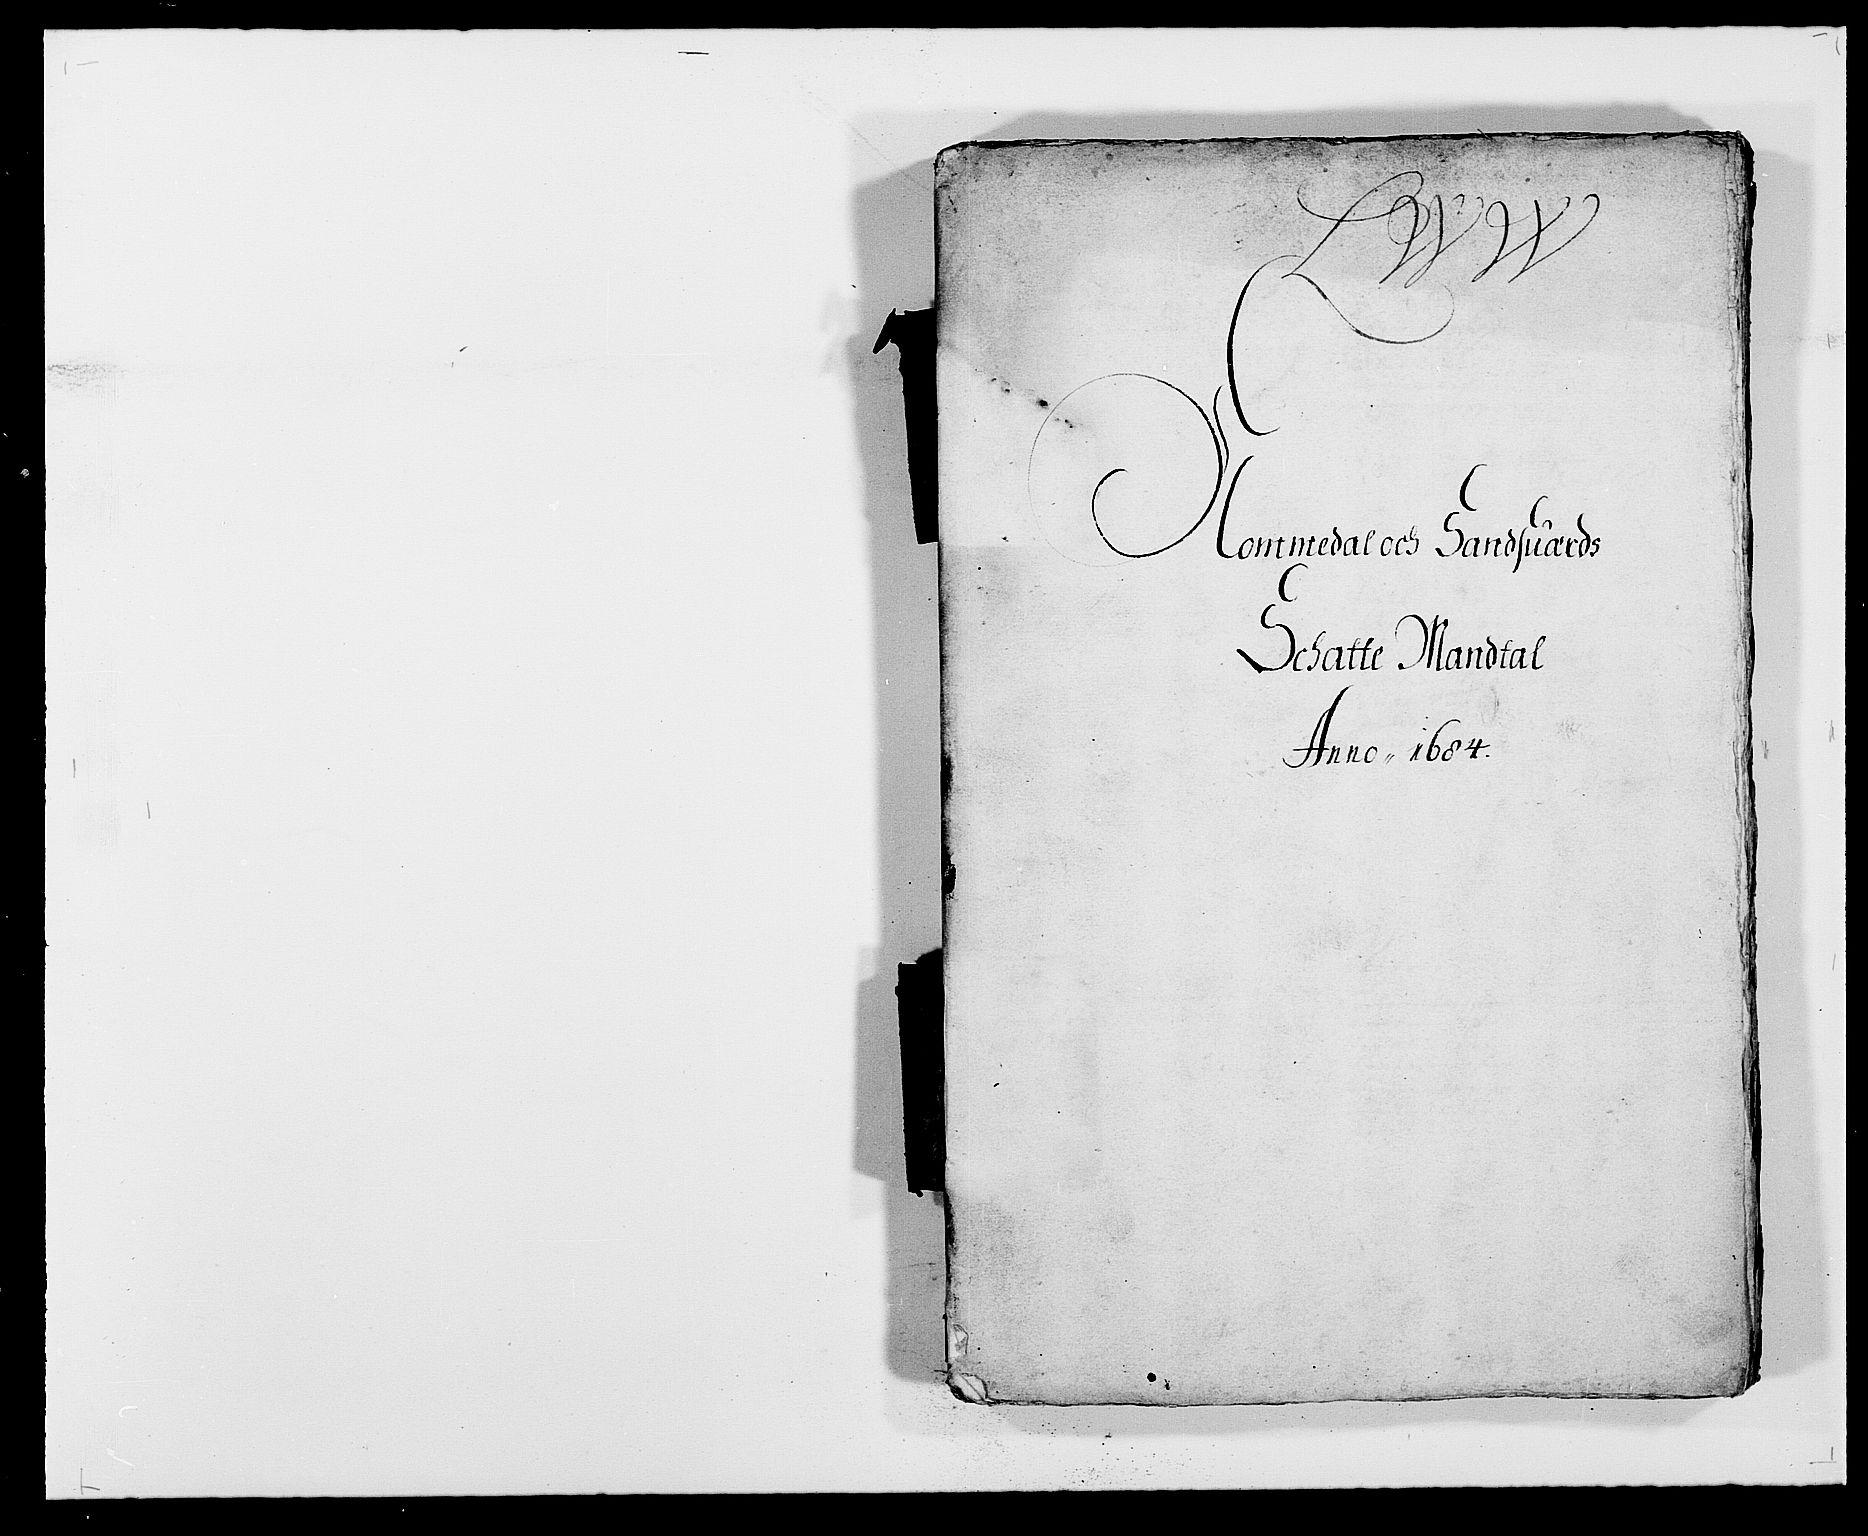 RA, Rentekammeret inntil 1814, Reviderte regnskaper, Fogderegnskap, R24/L1571: Fogderegnskap Numedal og Sandsvær, 1679-1686, s. 69